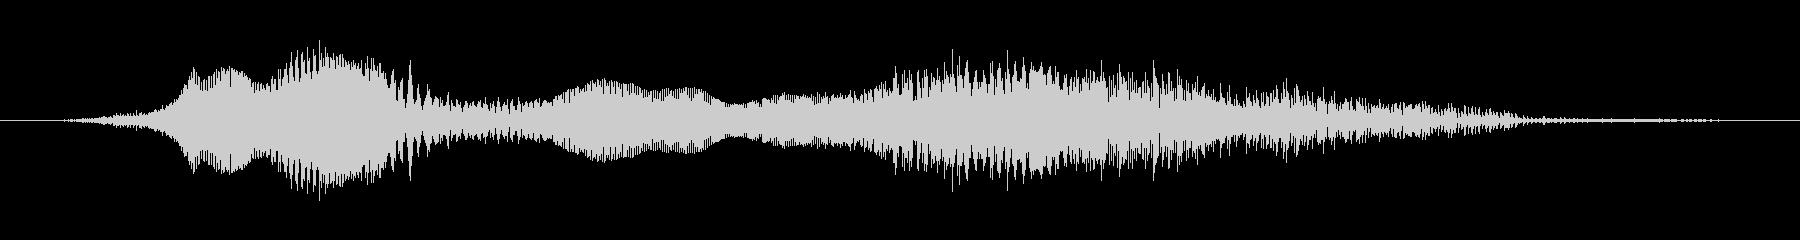 鳴き声 男性ダイグリングリング11の未再生の波形